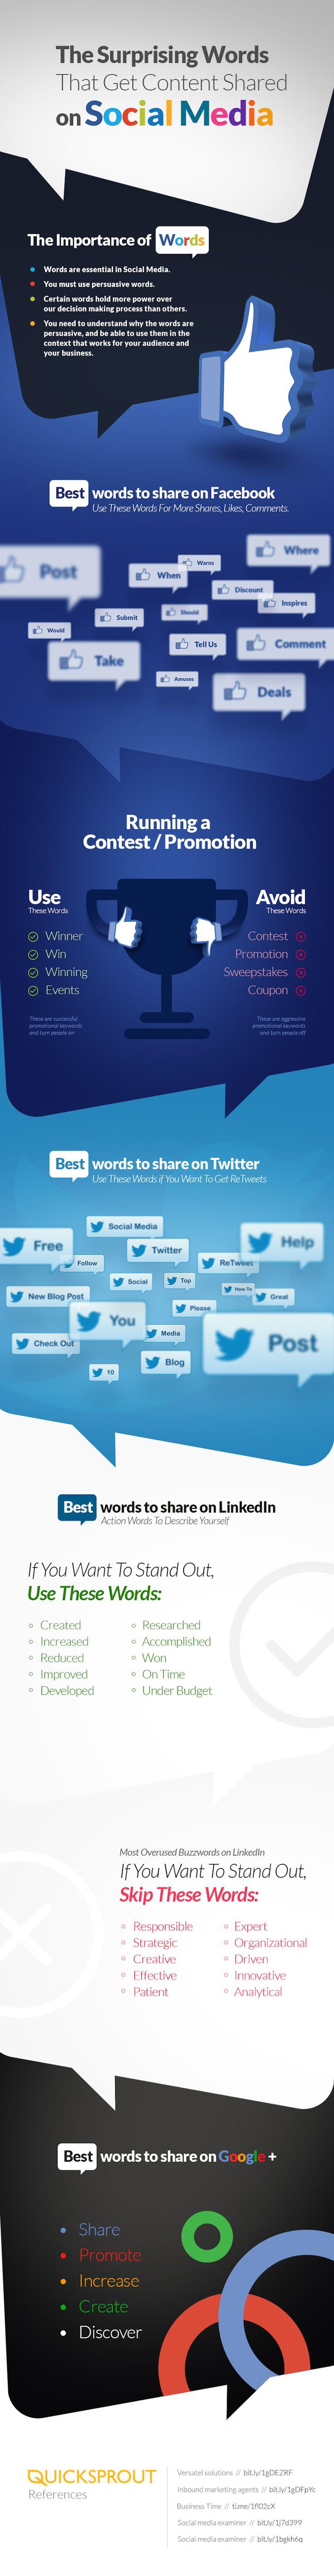 words on social media